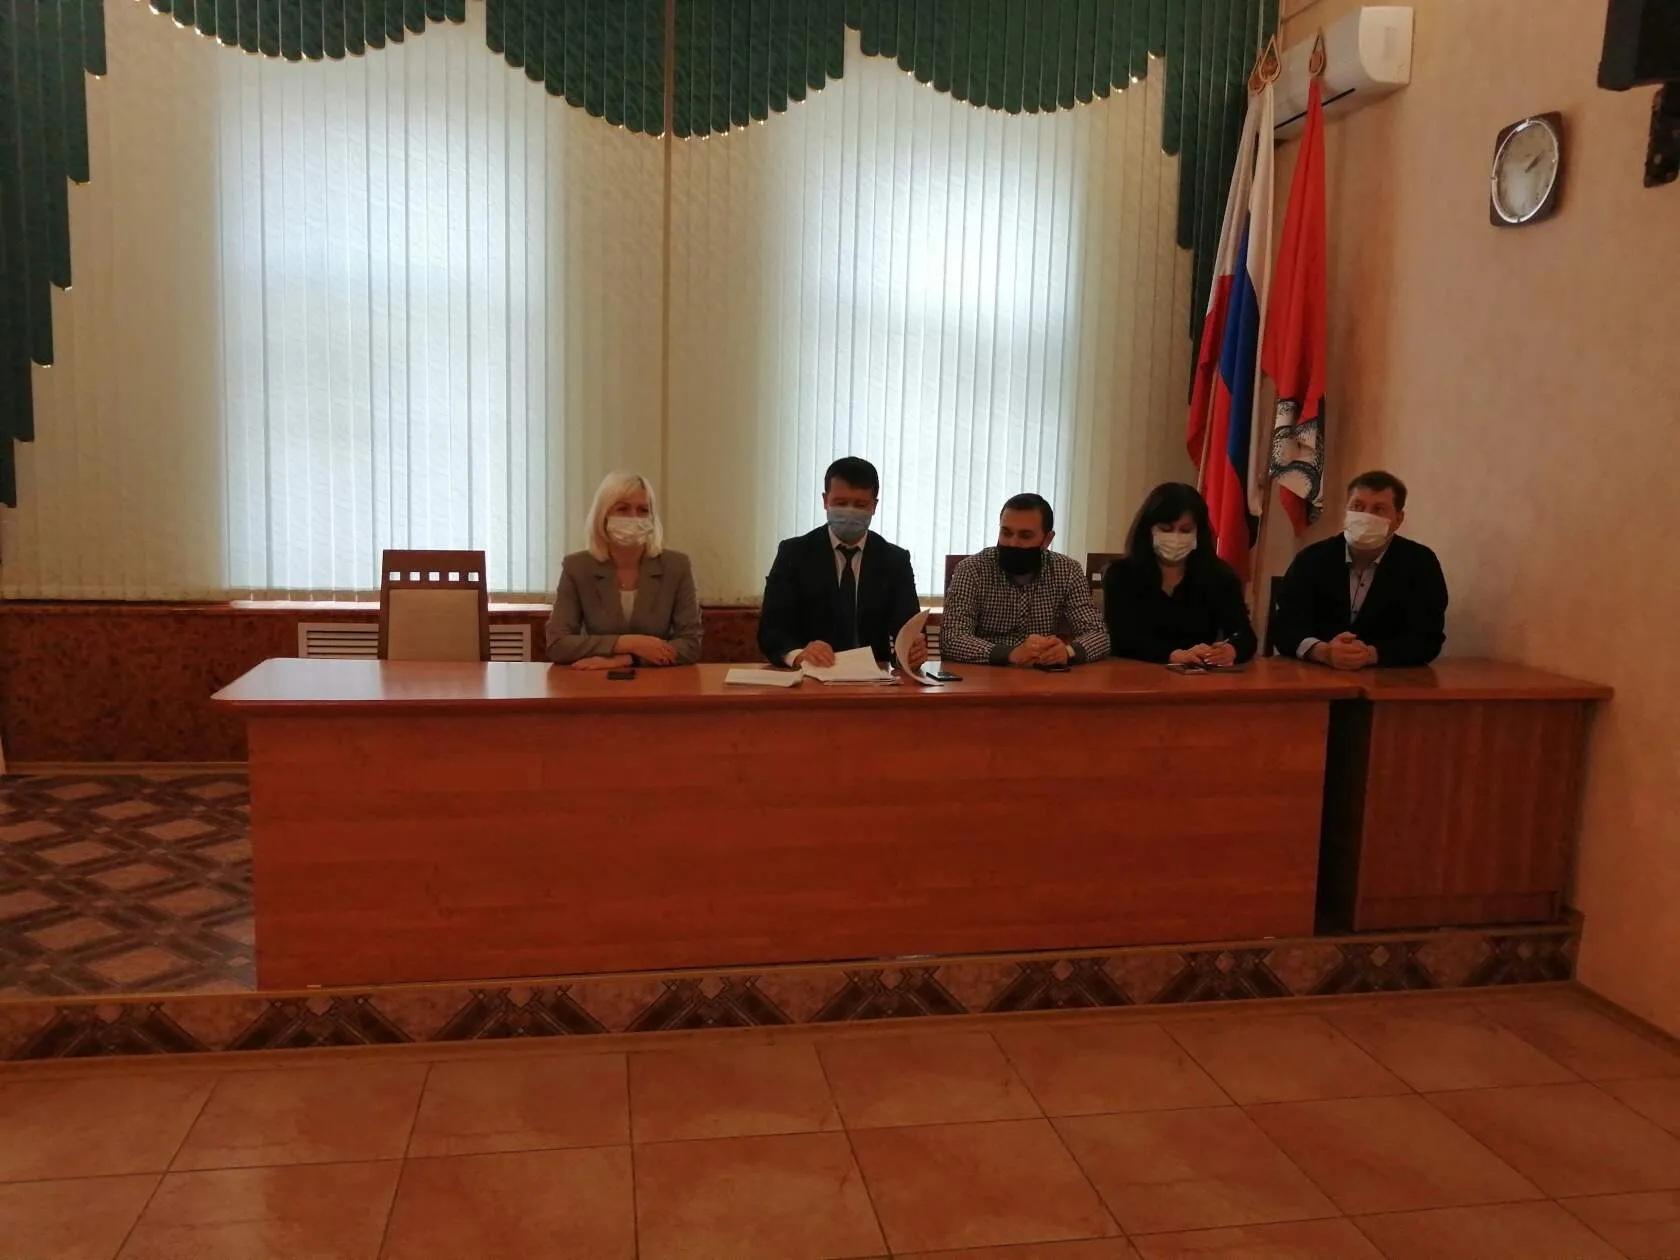 Сегодня под председательством заместителя главы администрации по социальным вопросам Николая Ларина состоялось очередное заседание административной комиссии